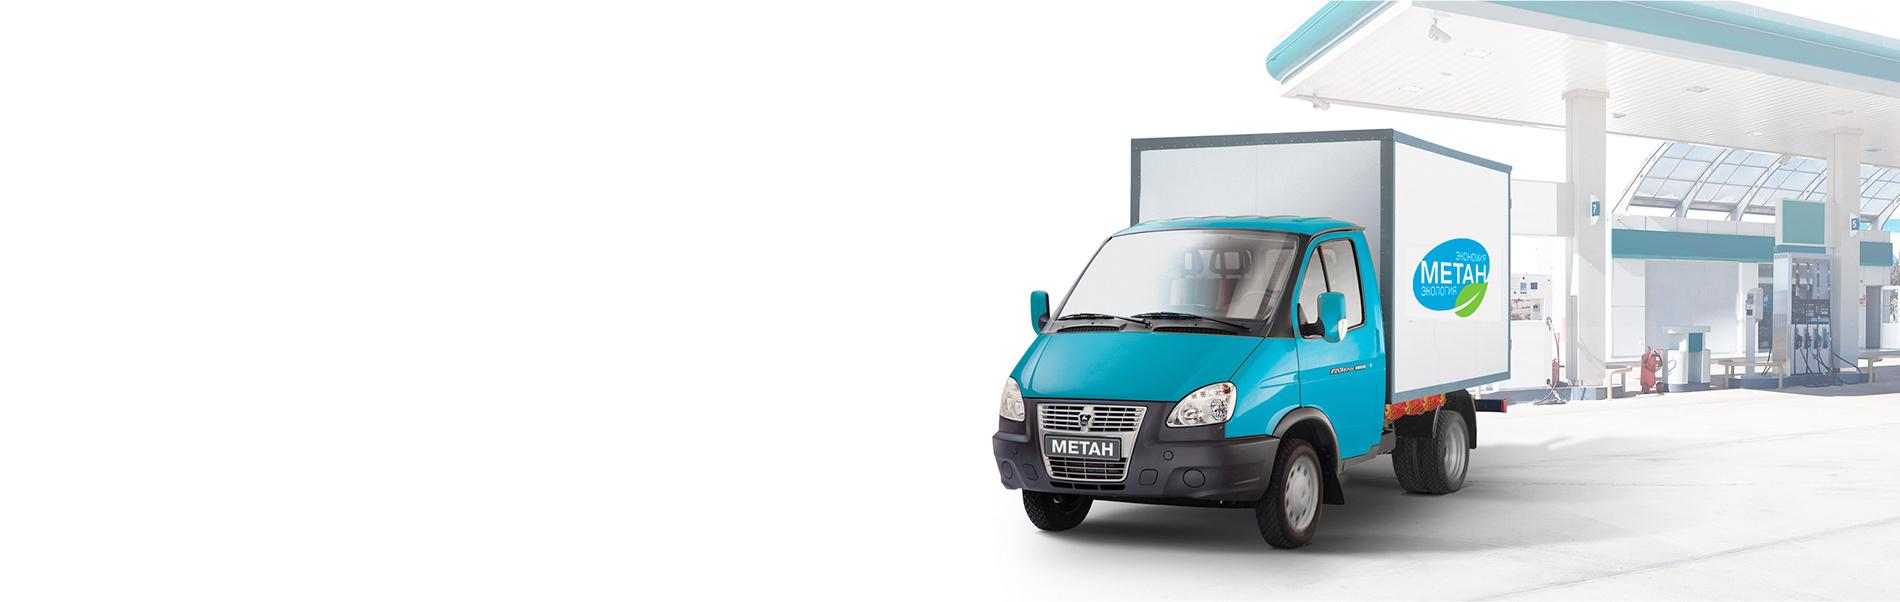 Автомобили ГАЗ на метане. Выгода до 215 000 ₽.